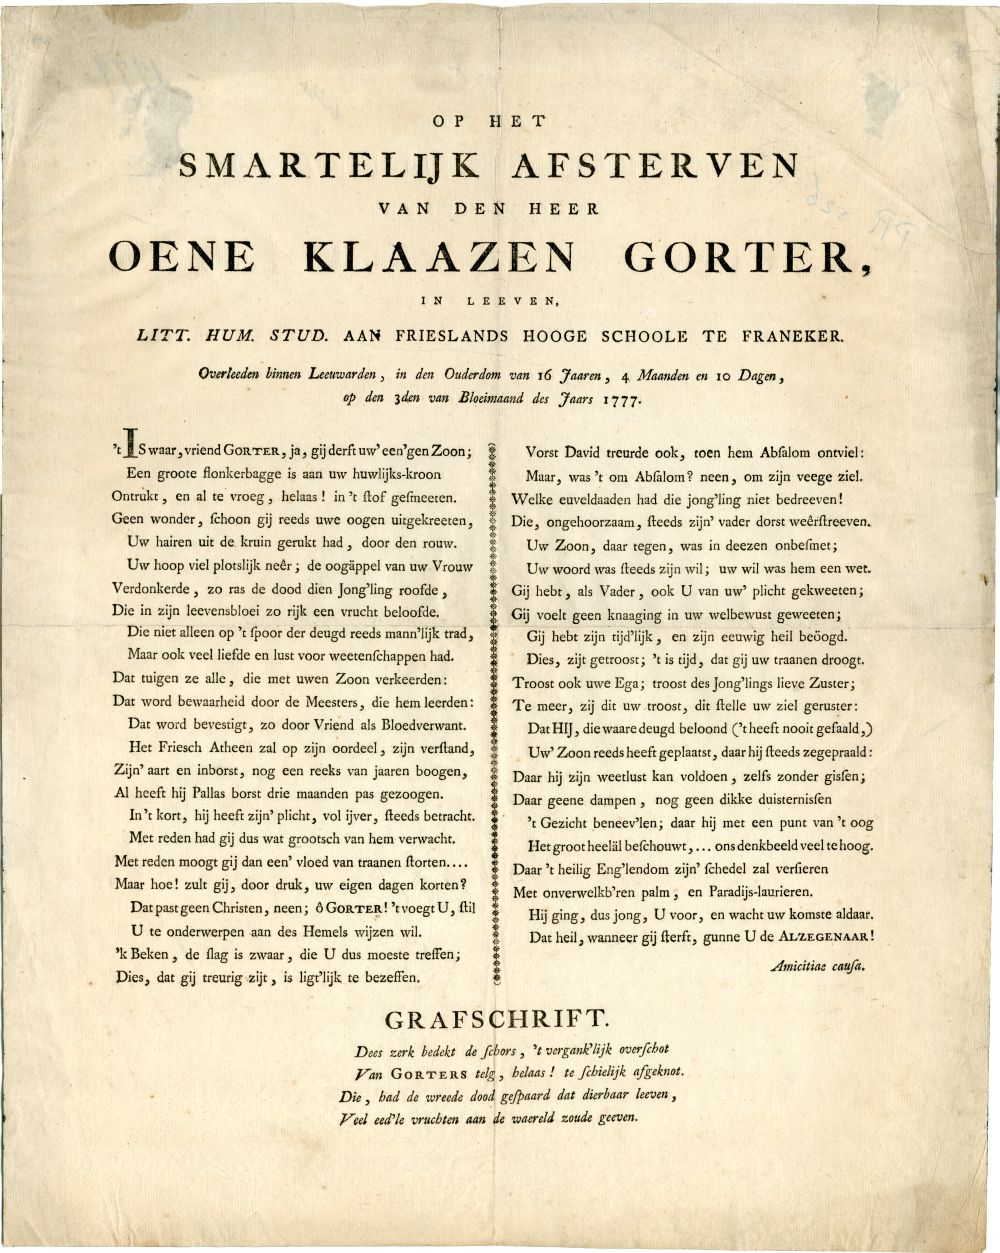 Geschrift in het Latijn betreffende het overlijden Oene Klaazen Gorter, student